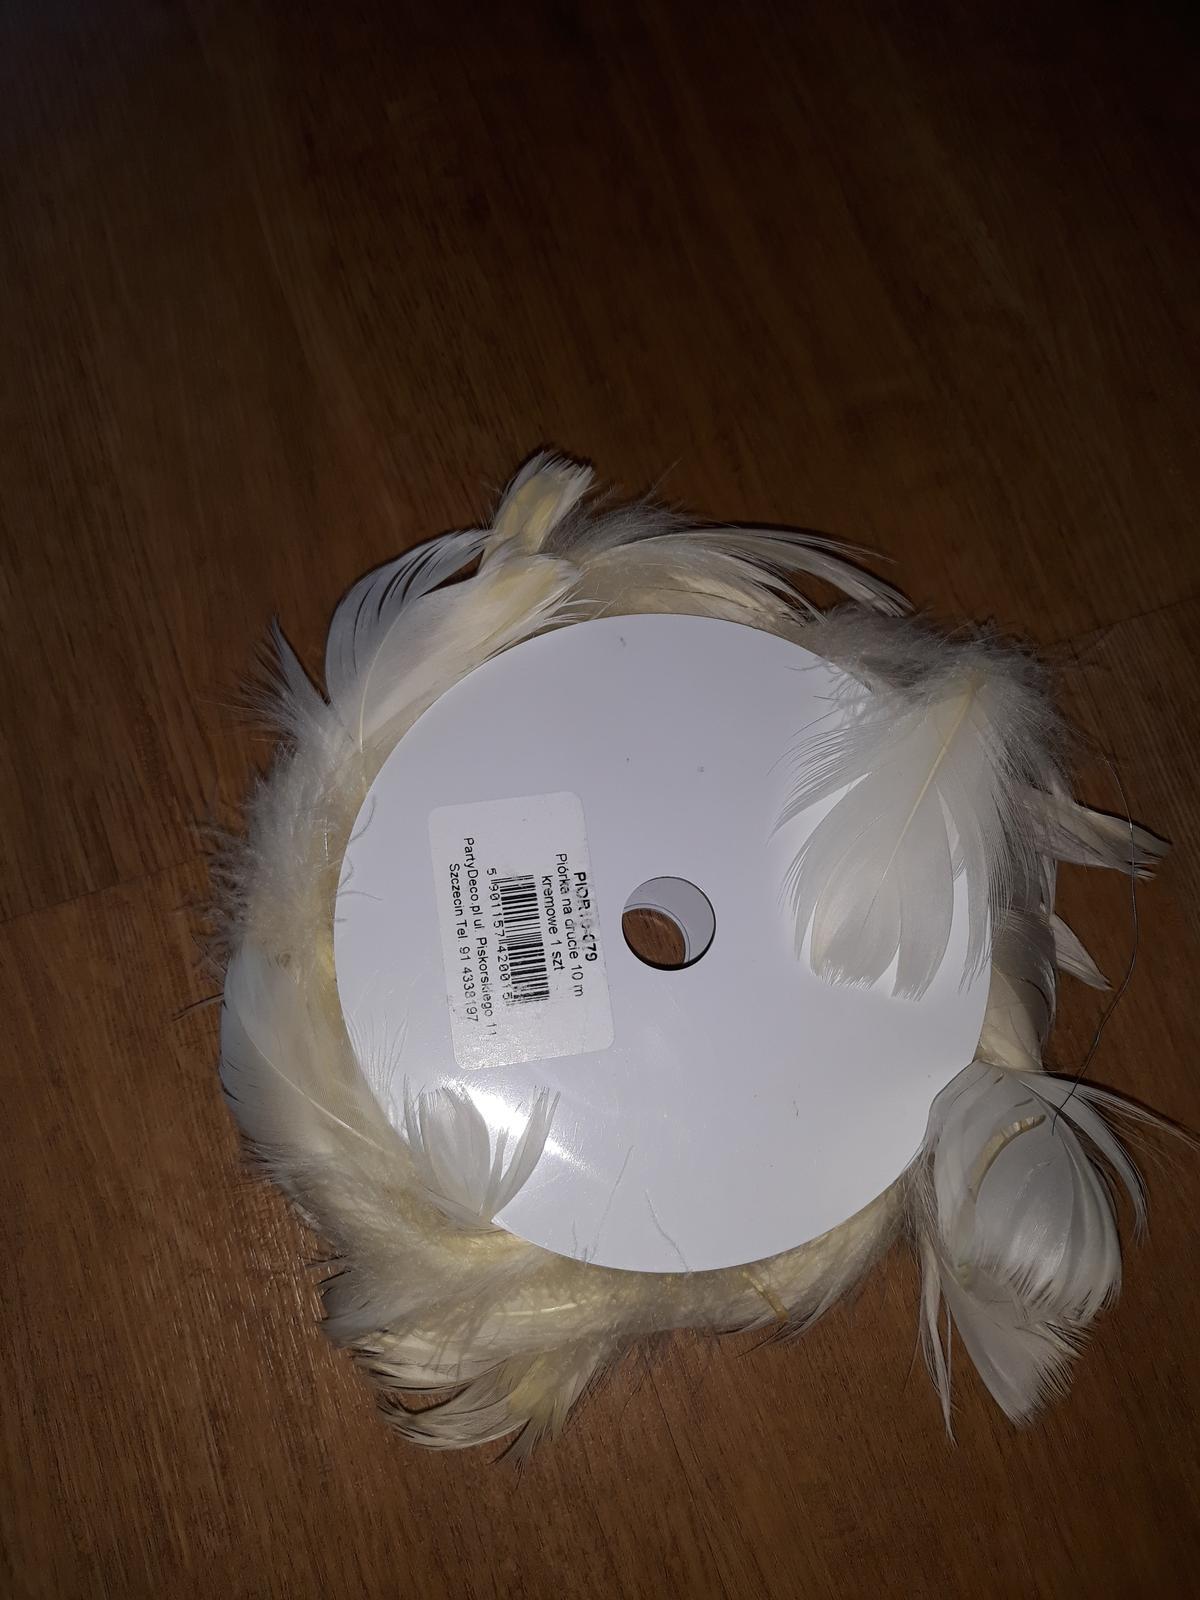 Béžová peříčka na silikonovém drátku - Obrázek č. 1